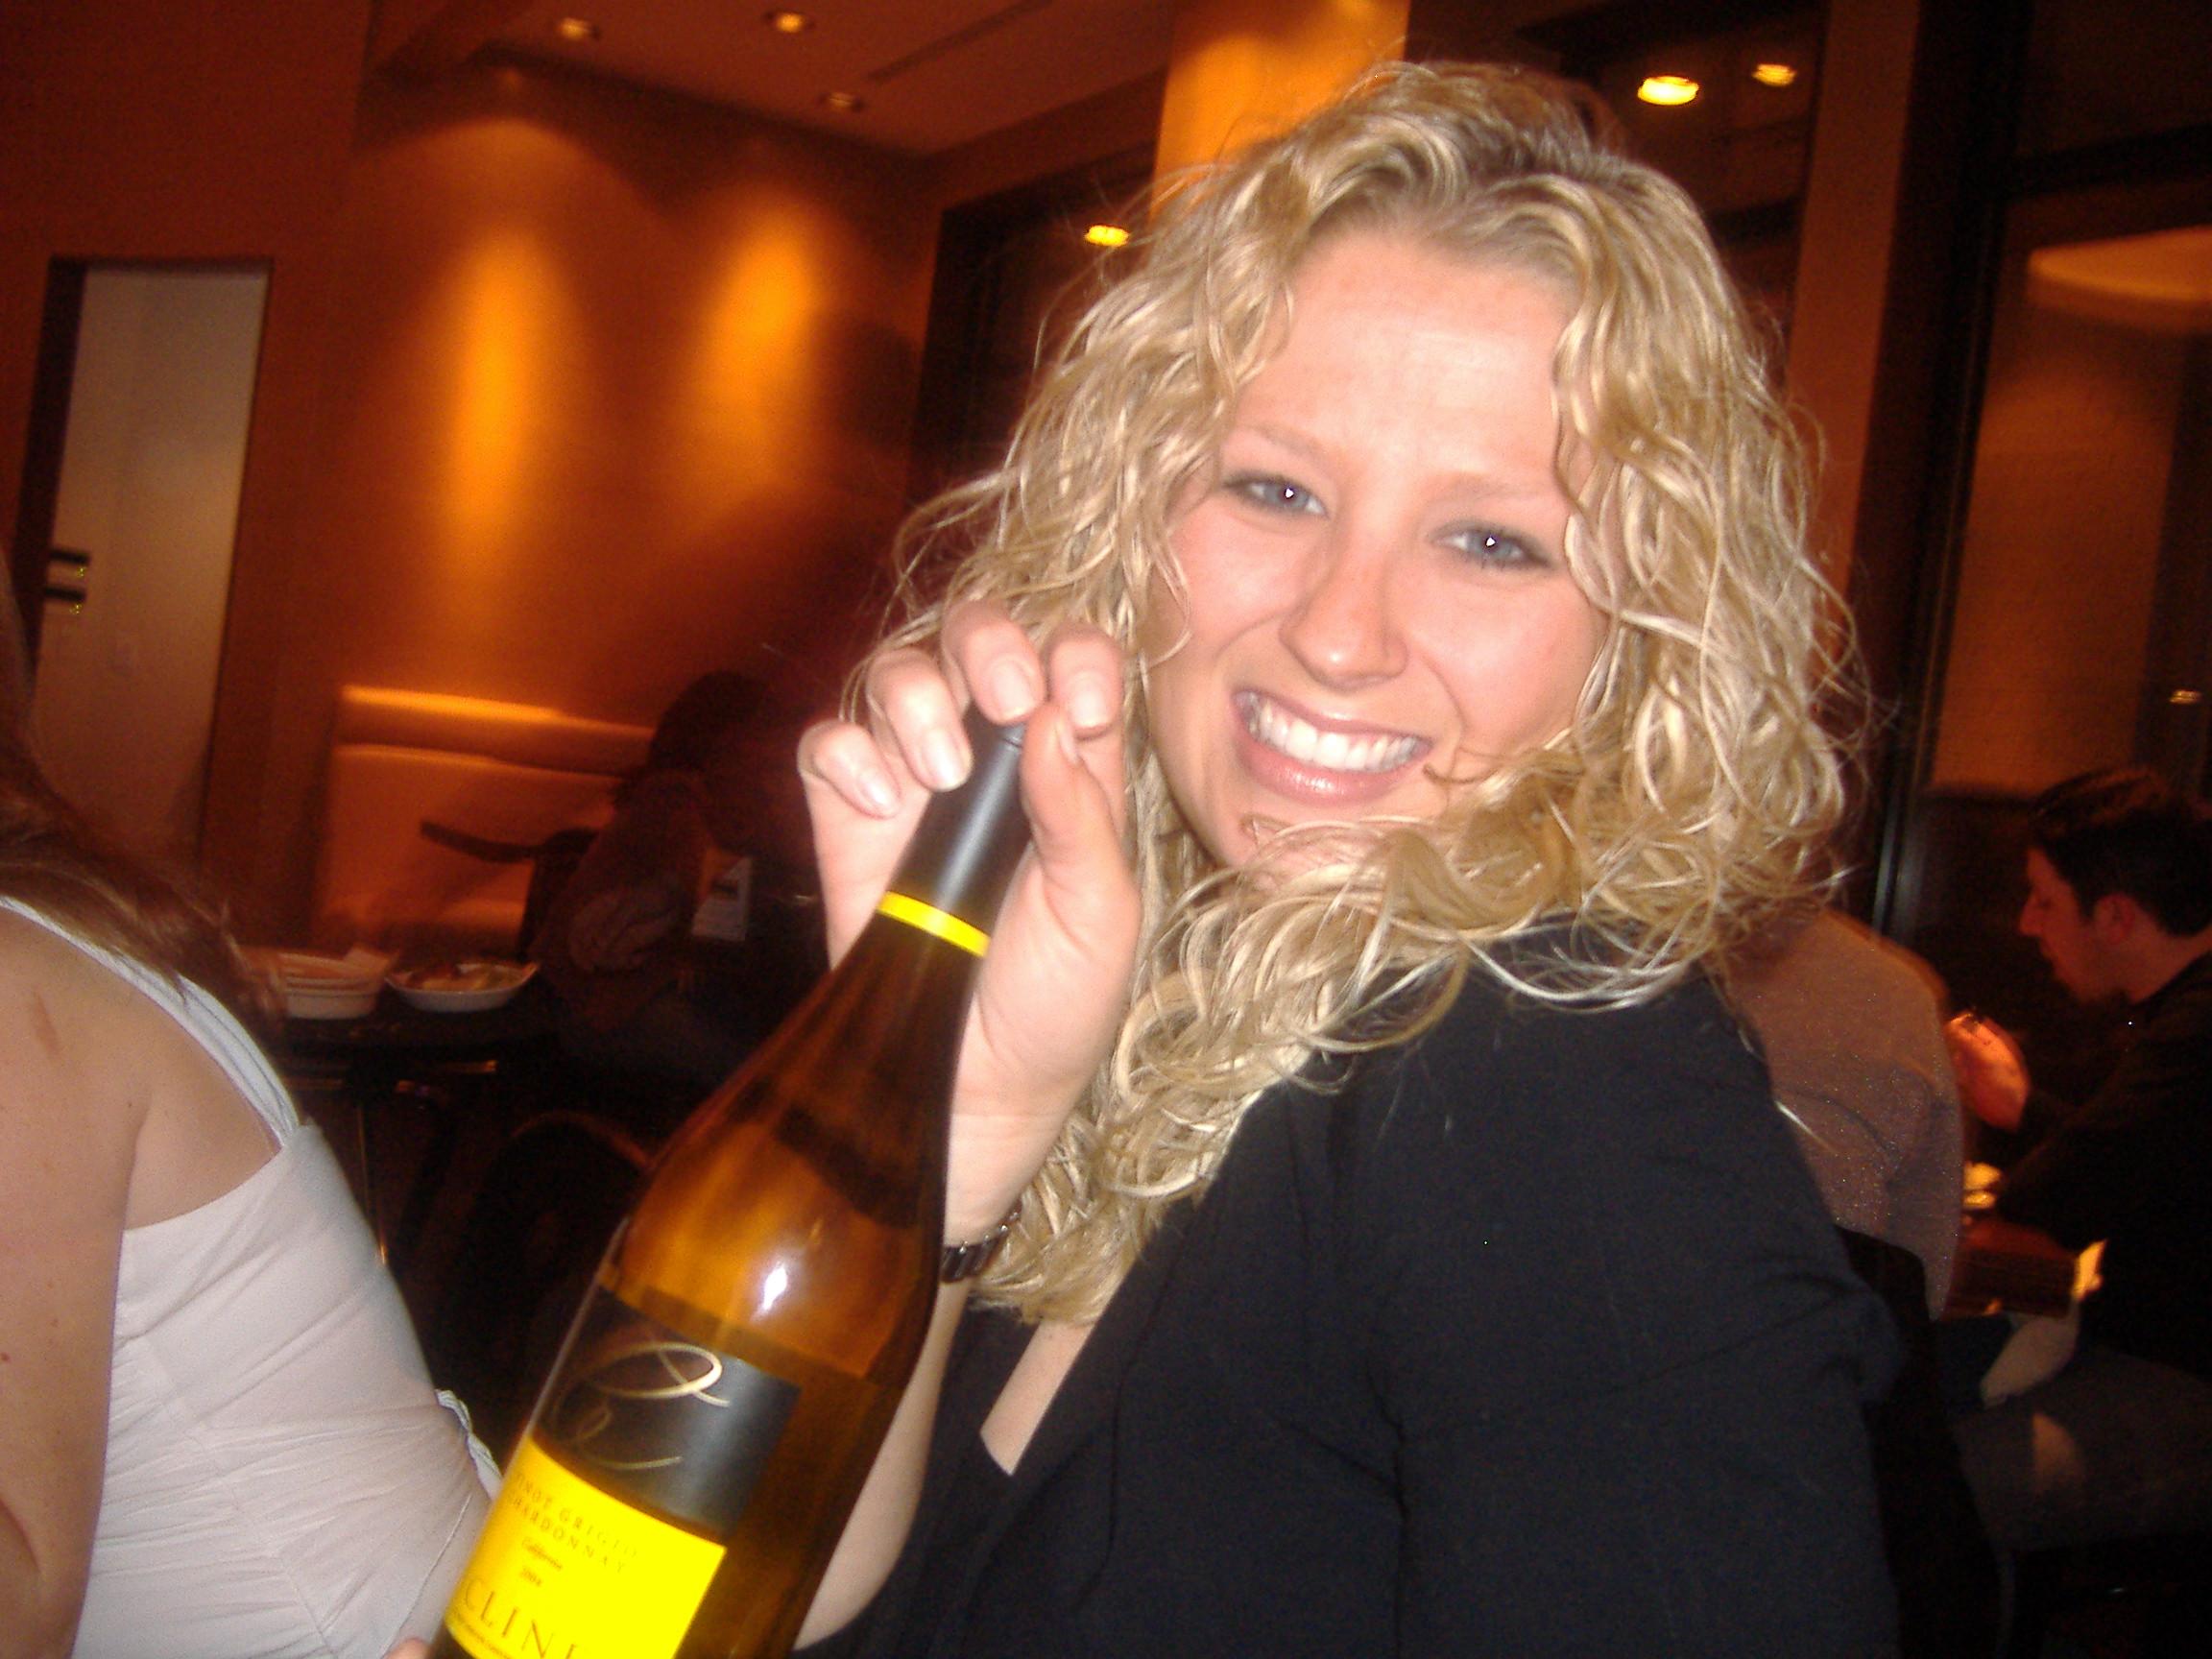 Rachael loves her wine!